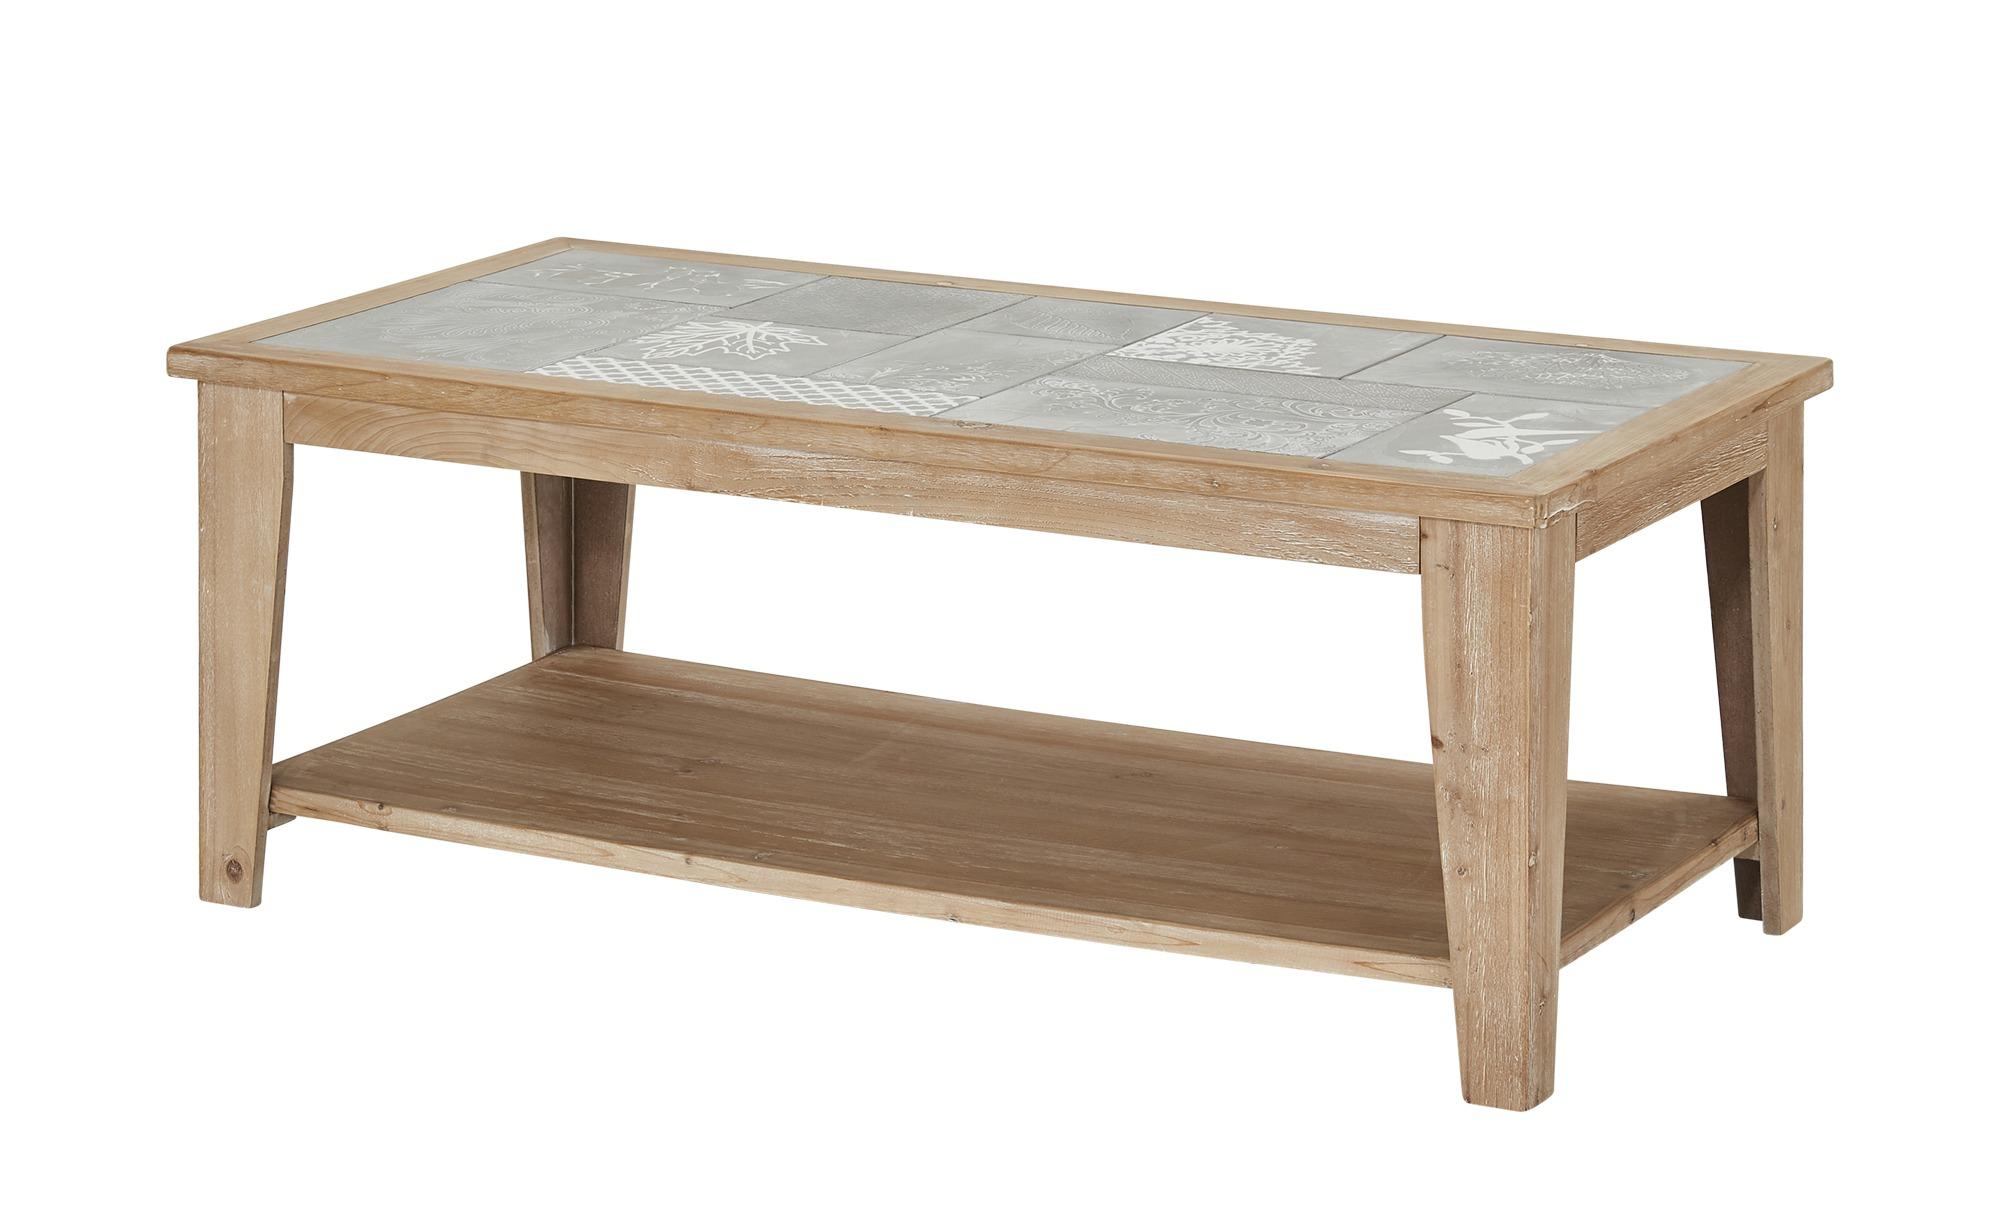 Couchtisch  Piastrella ¦ holzfarben ¦ Maße (cm): B: 60 H: 46 Tische > Couchtische > Couchtische rechteckig - Höffner